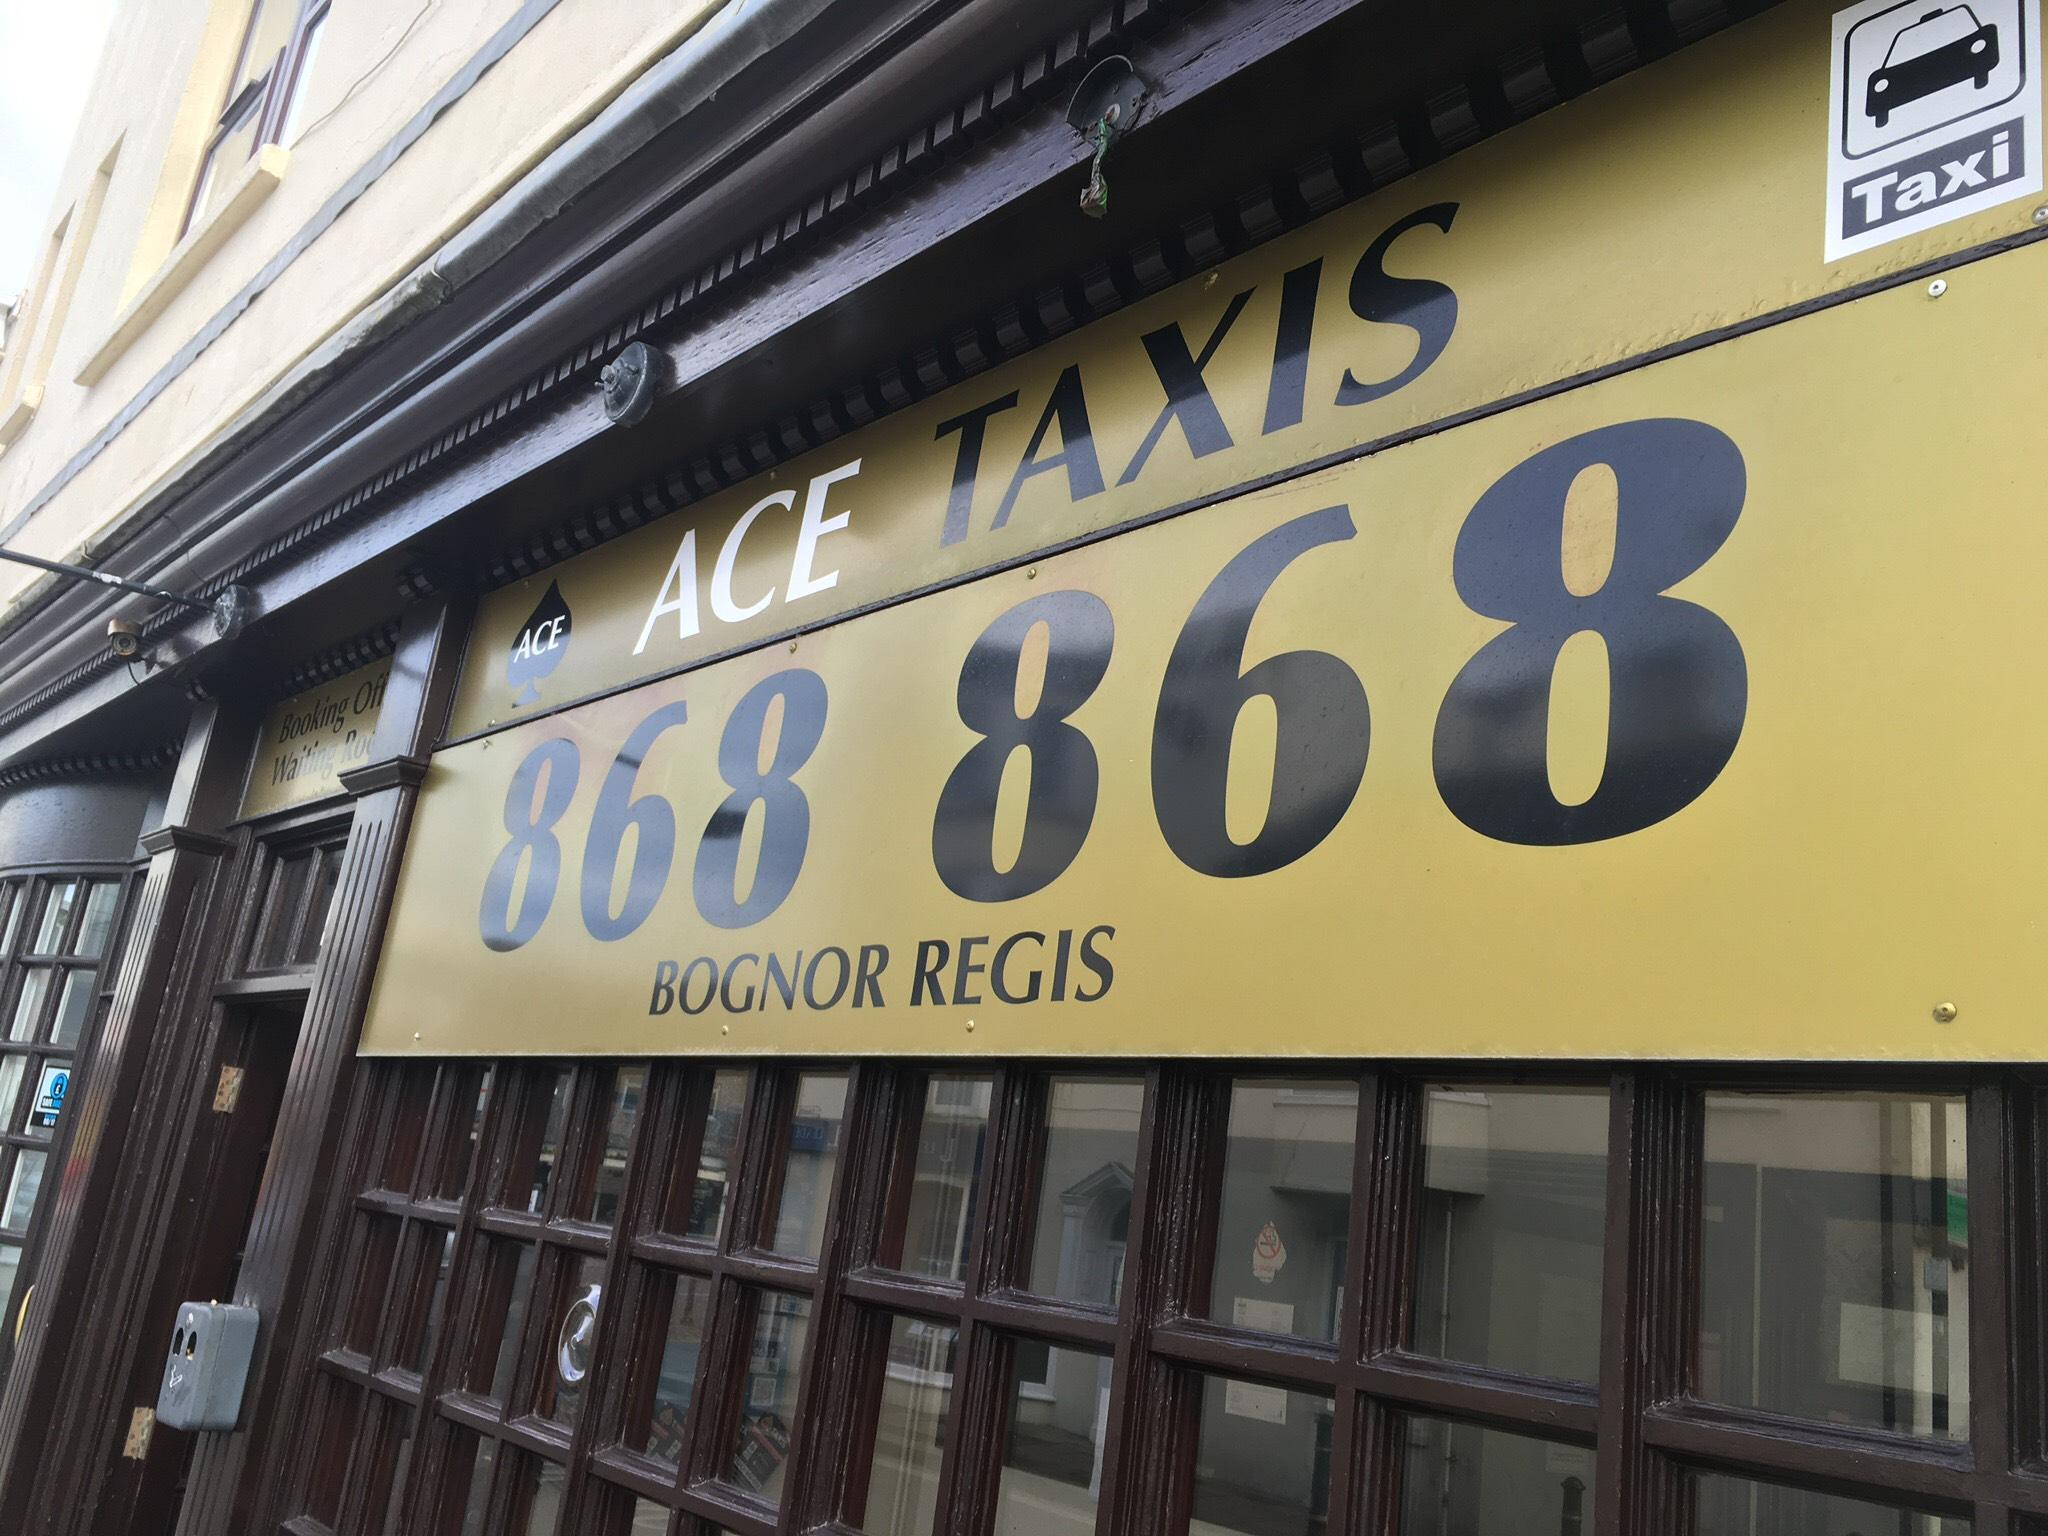 Ace Taxi Facade